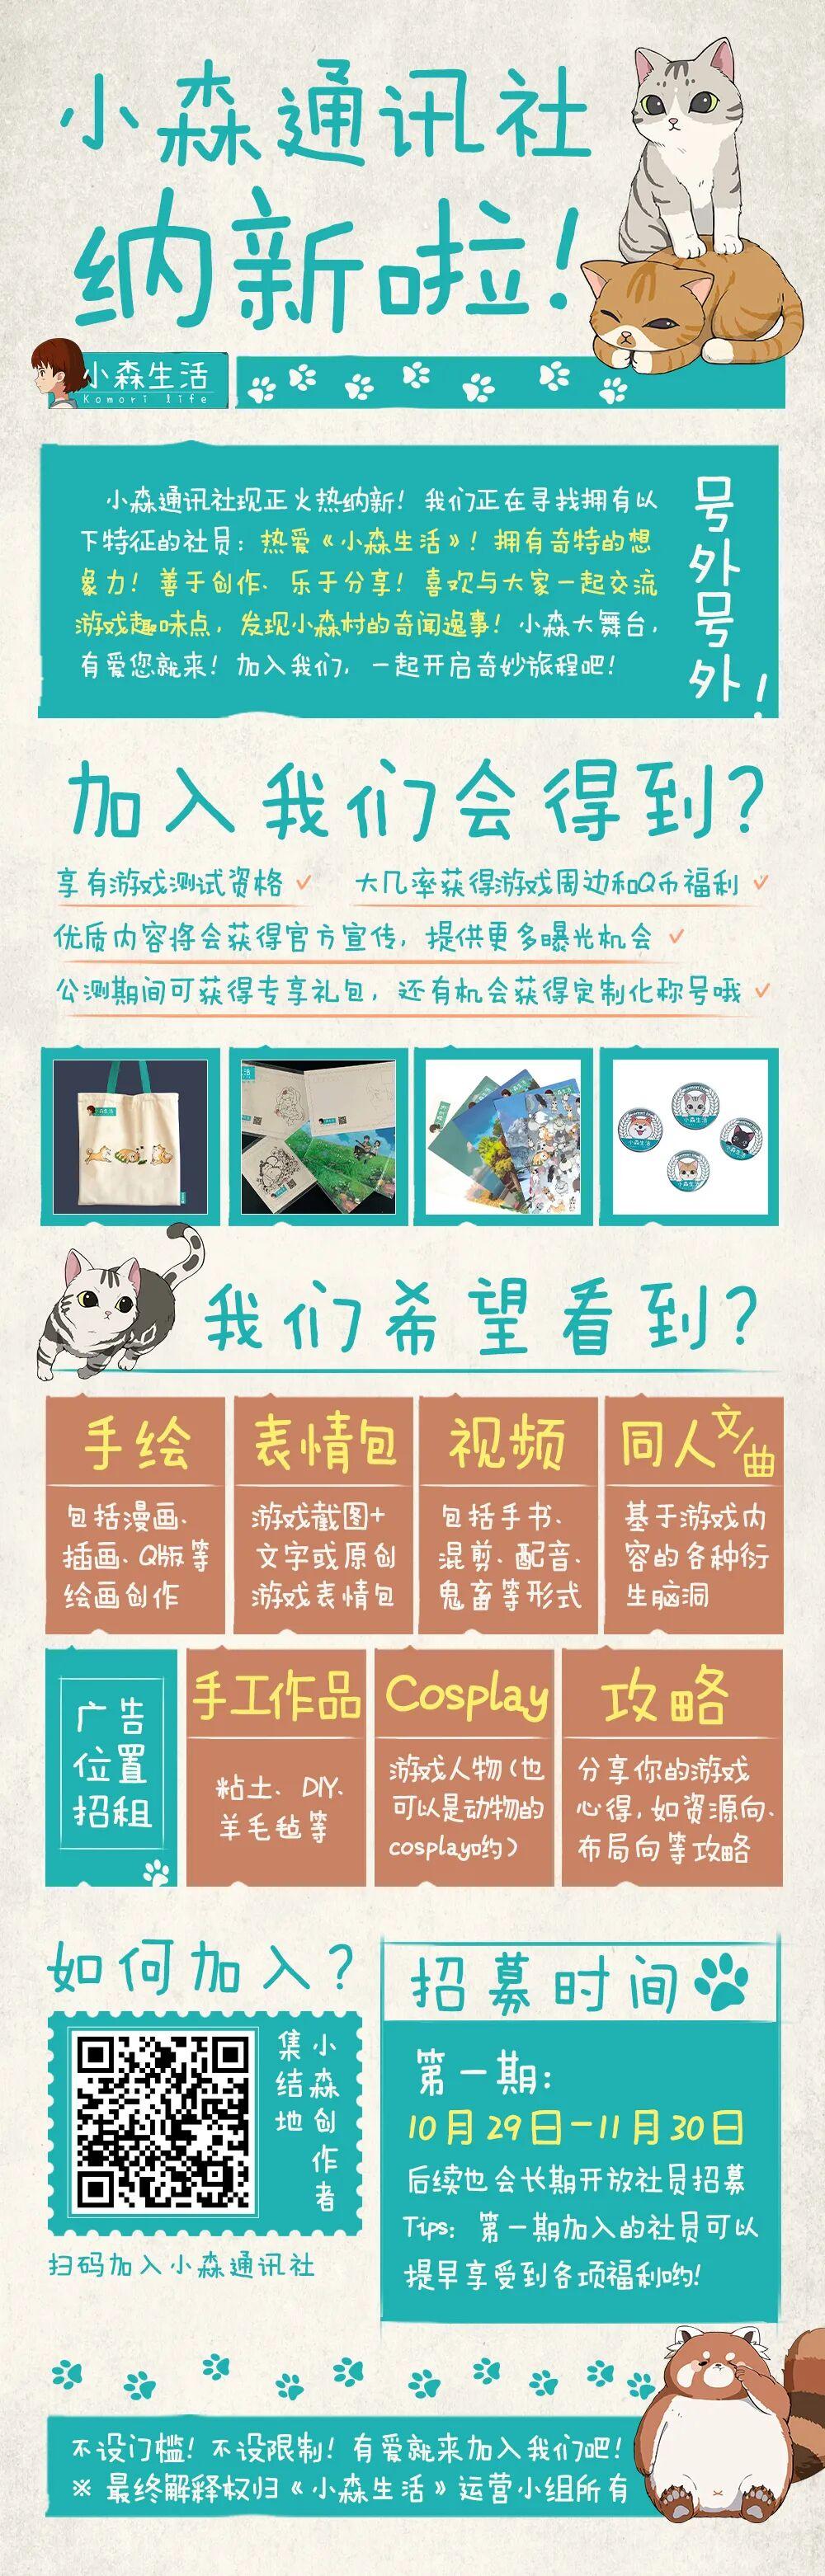 加入小森通讯社,官方游戏周边福利拿不停!